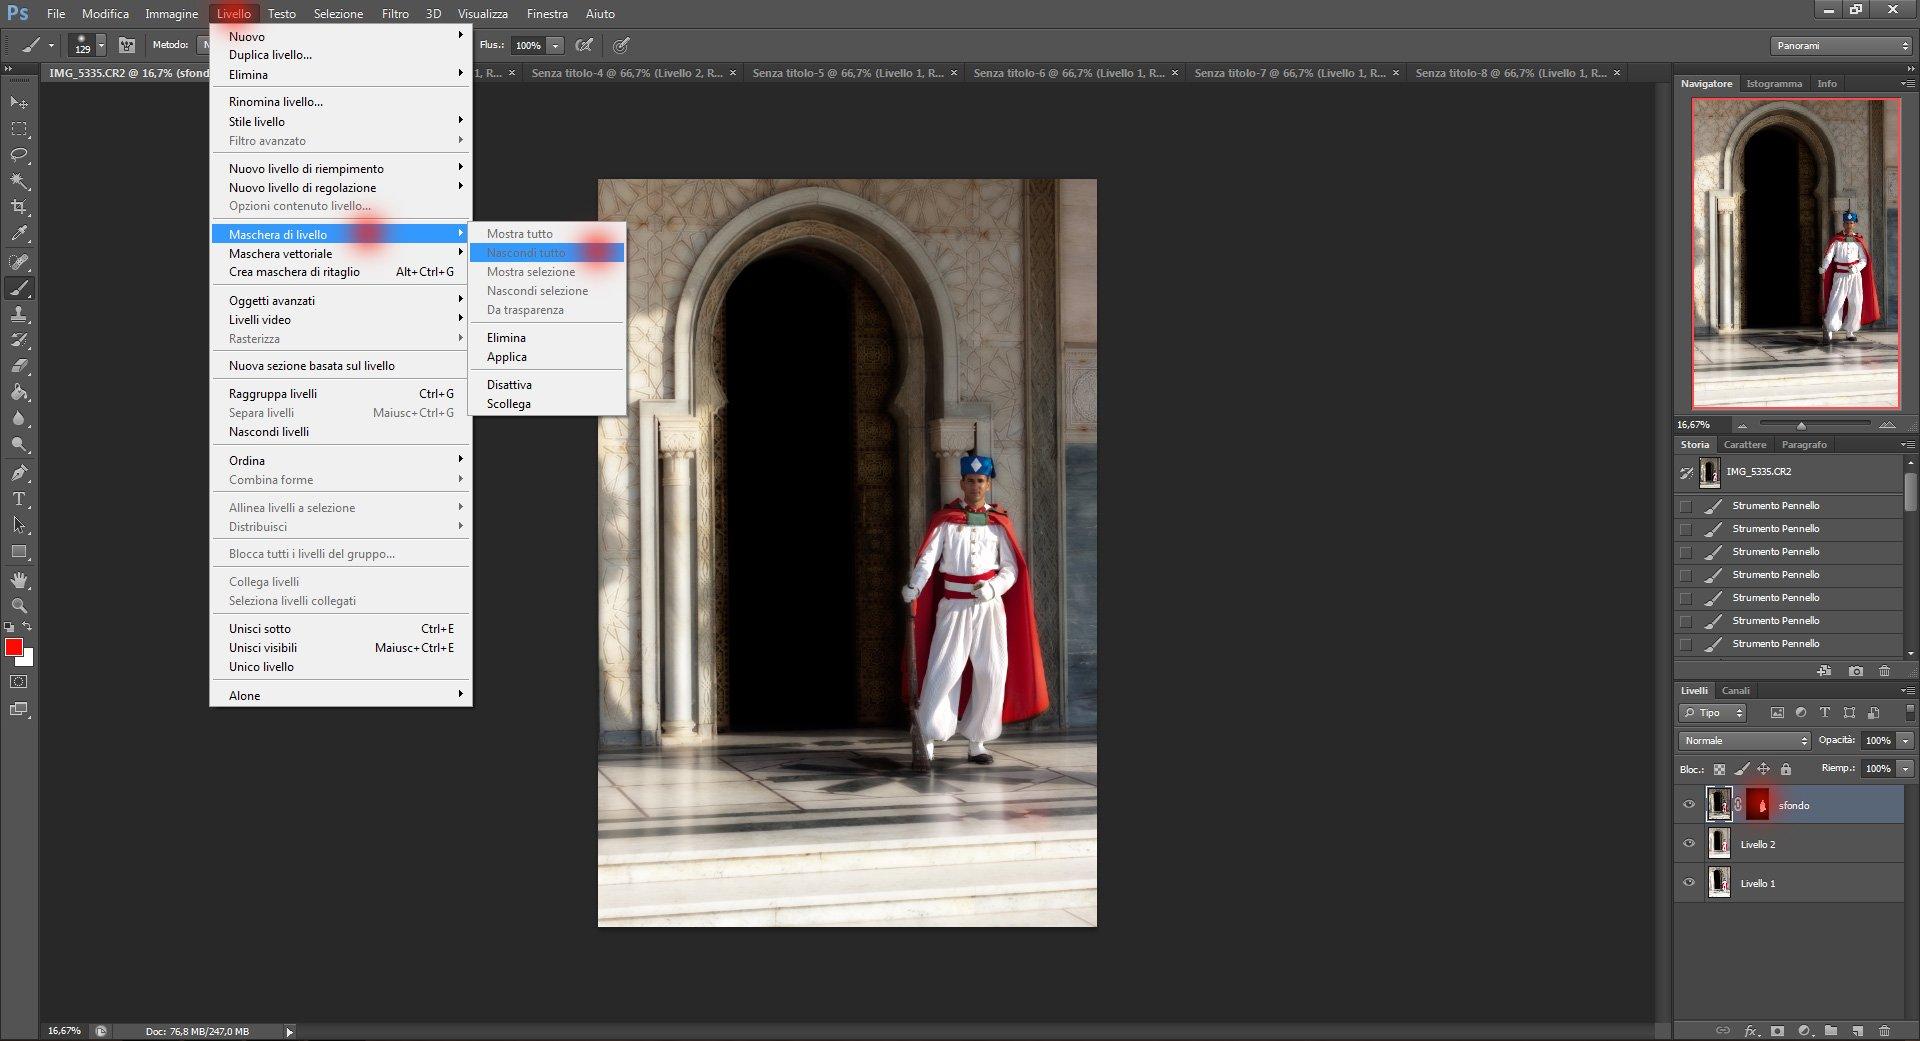 Effetto Orton Photoshop